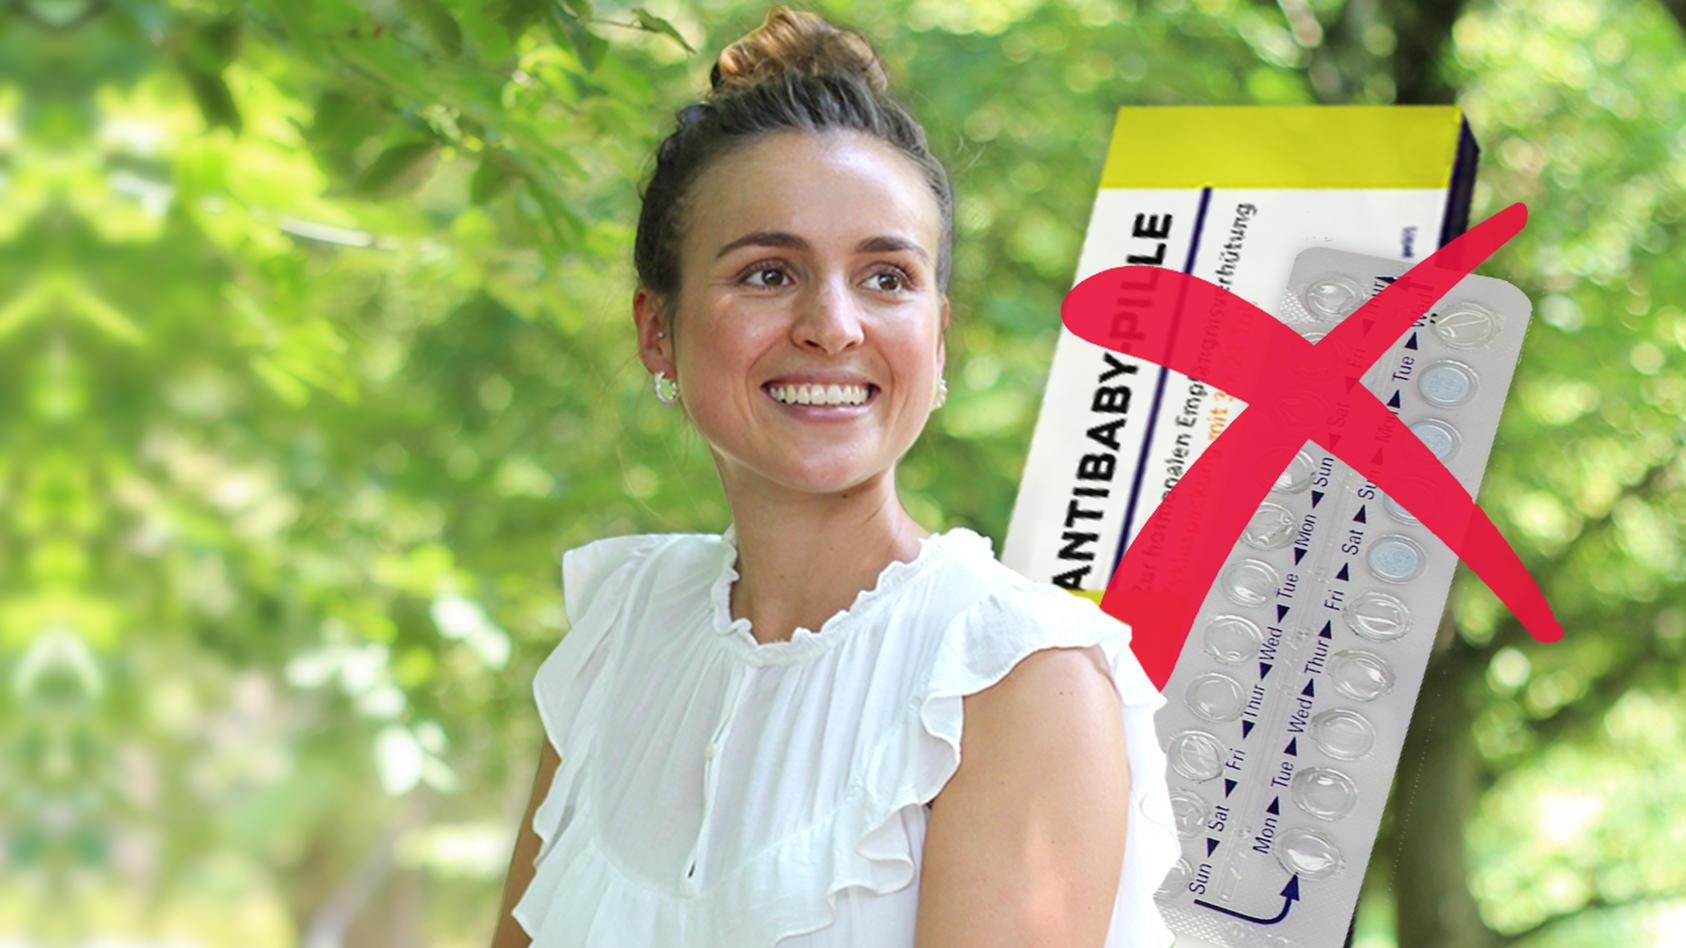 Die Anti-Baby-Pille zu nehmen, ist für viele junge Frauen fast selbstverständlich. Unsere Autorin Jasmin Bergmann nimmt sie nicht mehr.